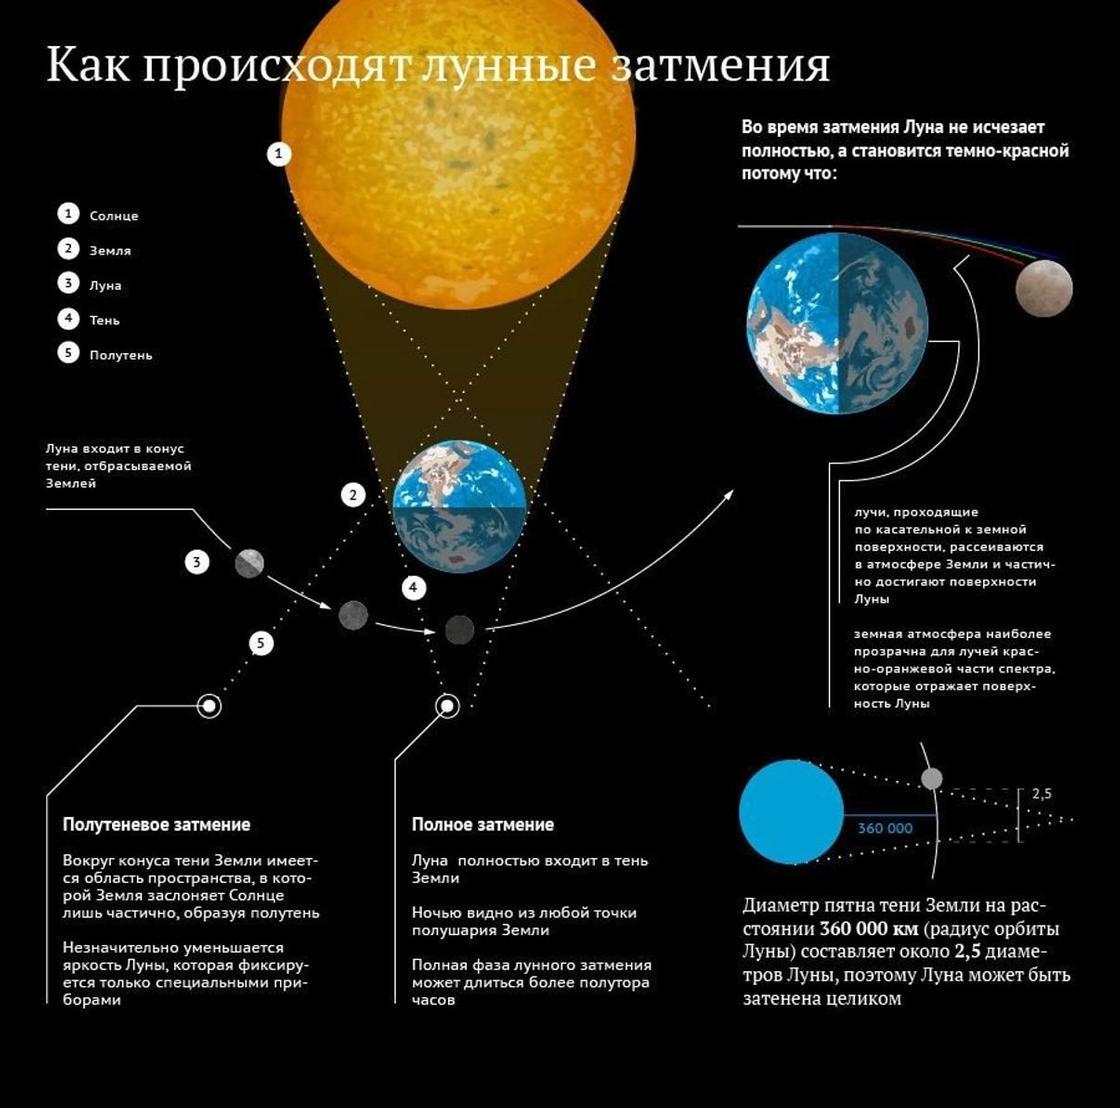 Затмение Луны: как это происходит